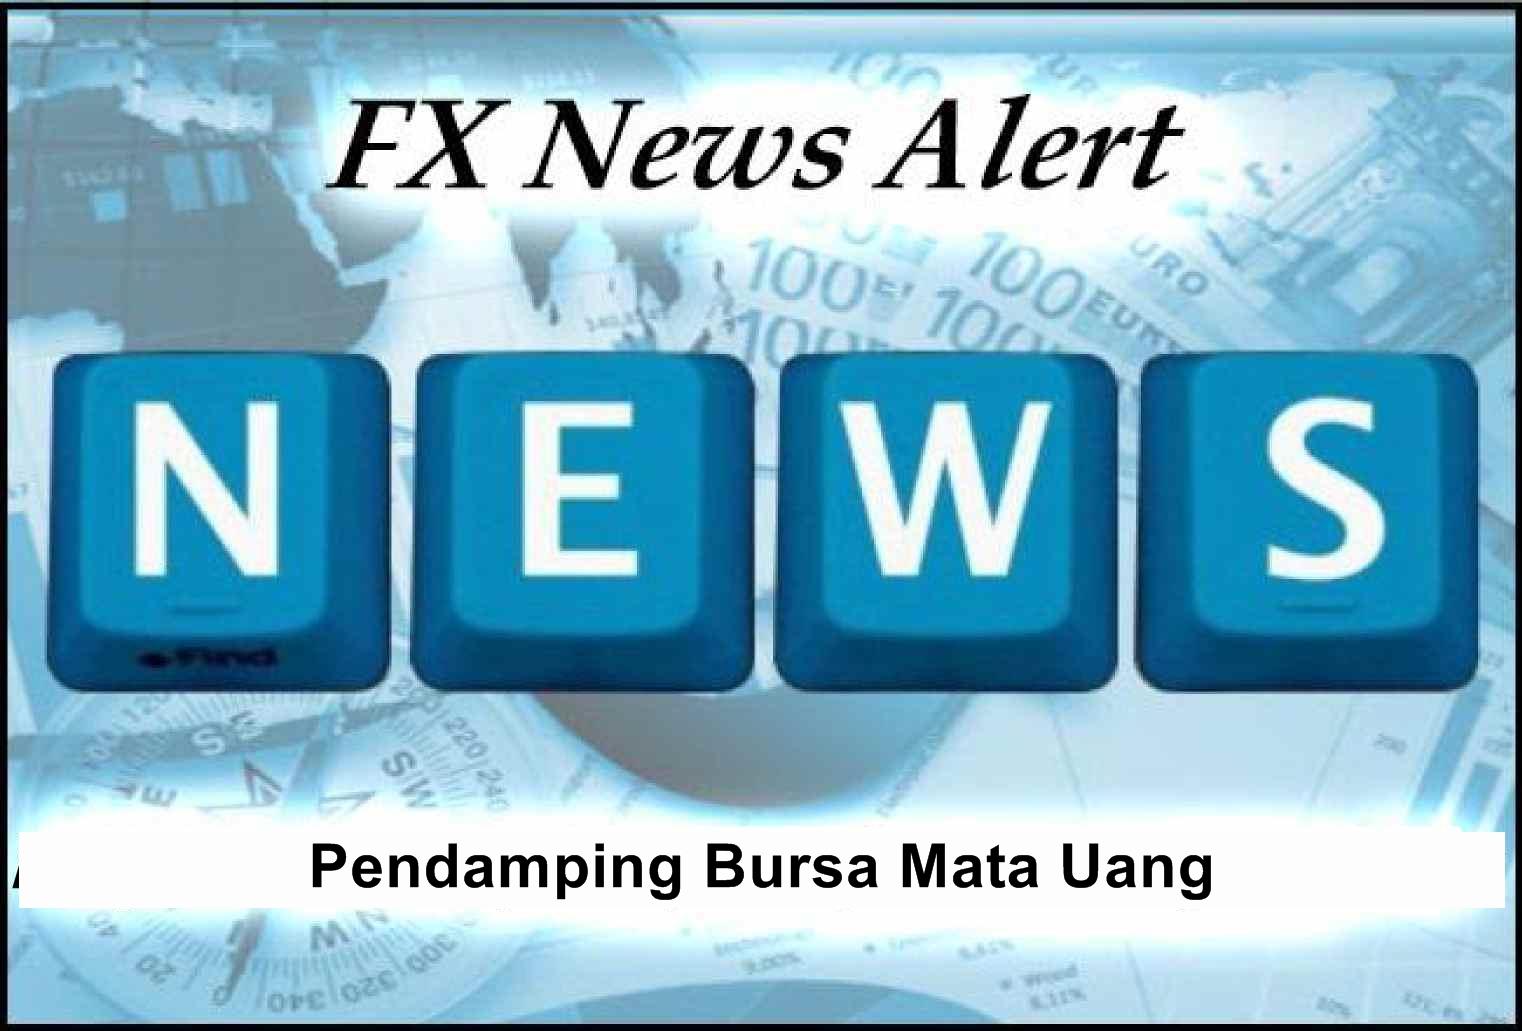 Alert news forex